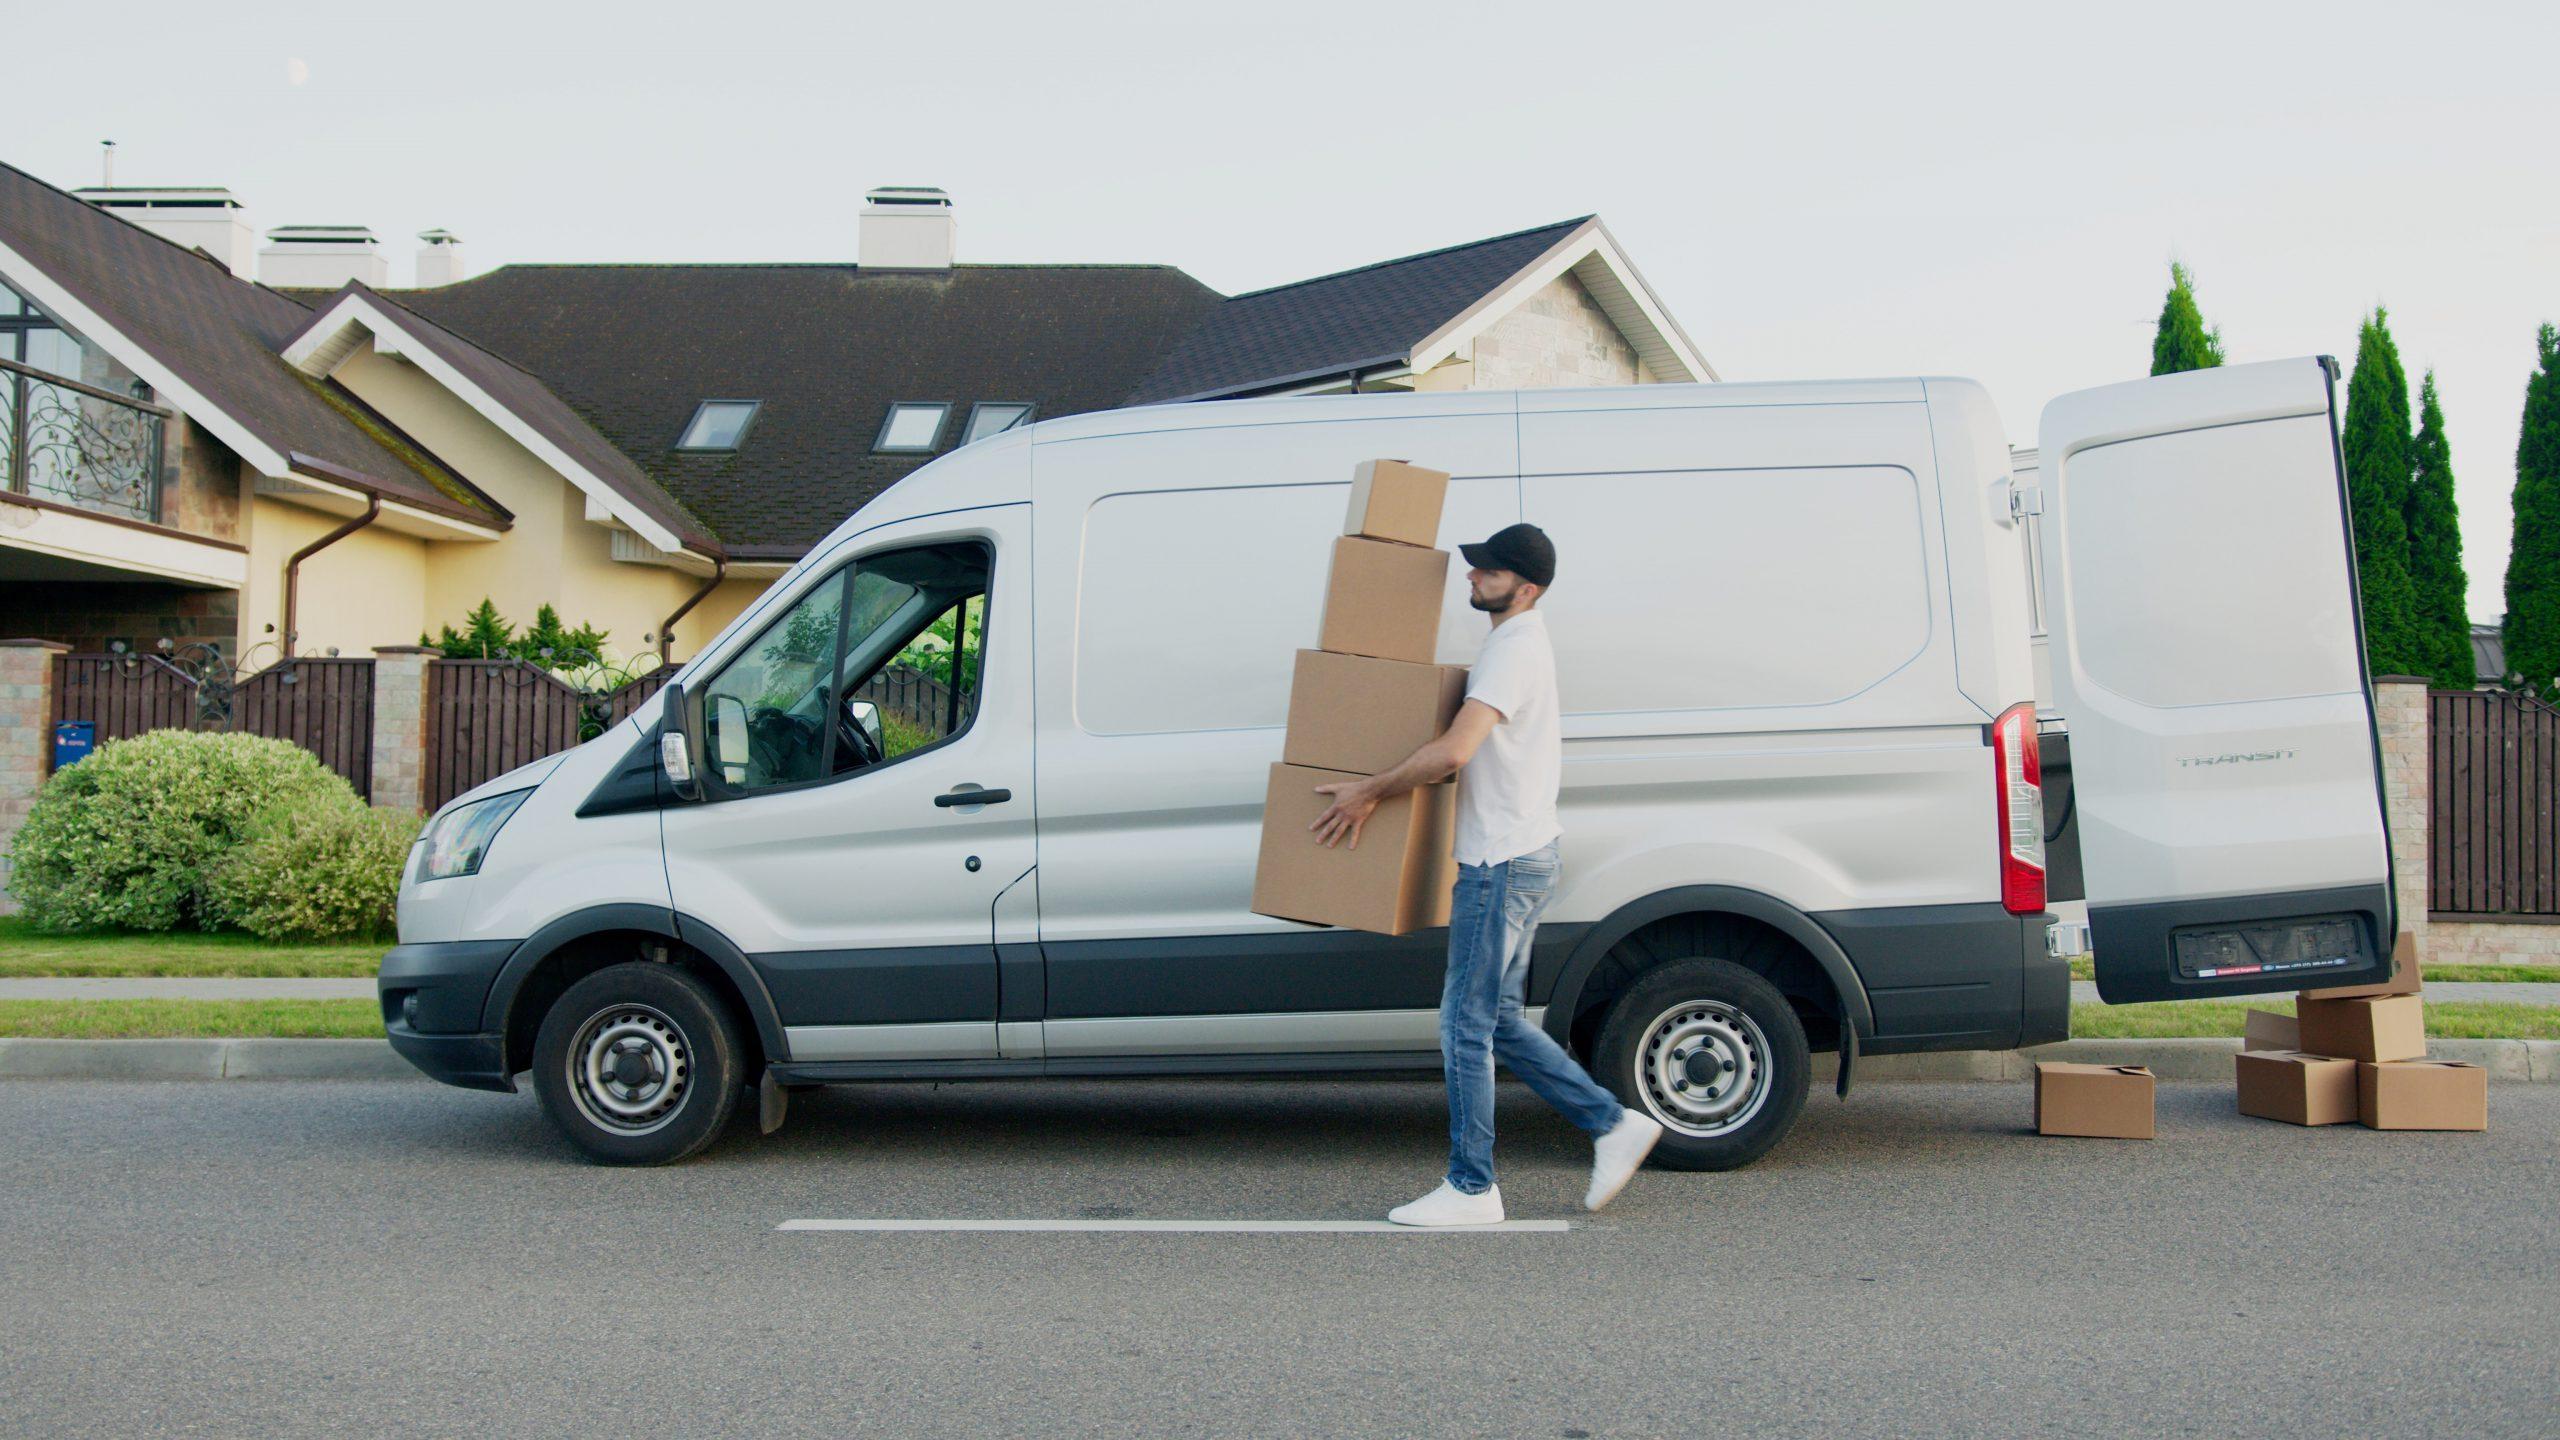 Livreur en camionnette qui porte des caisses en carton dans une rue résidentielle.